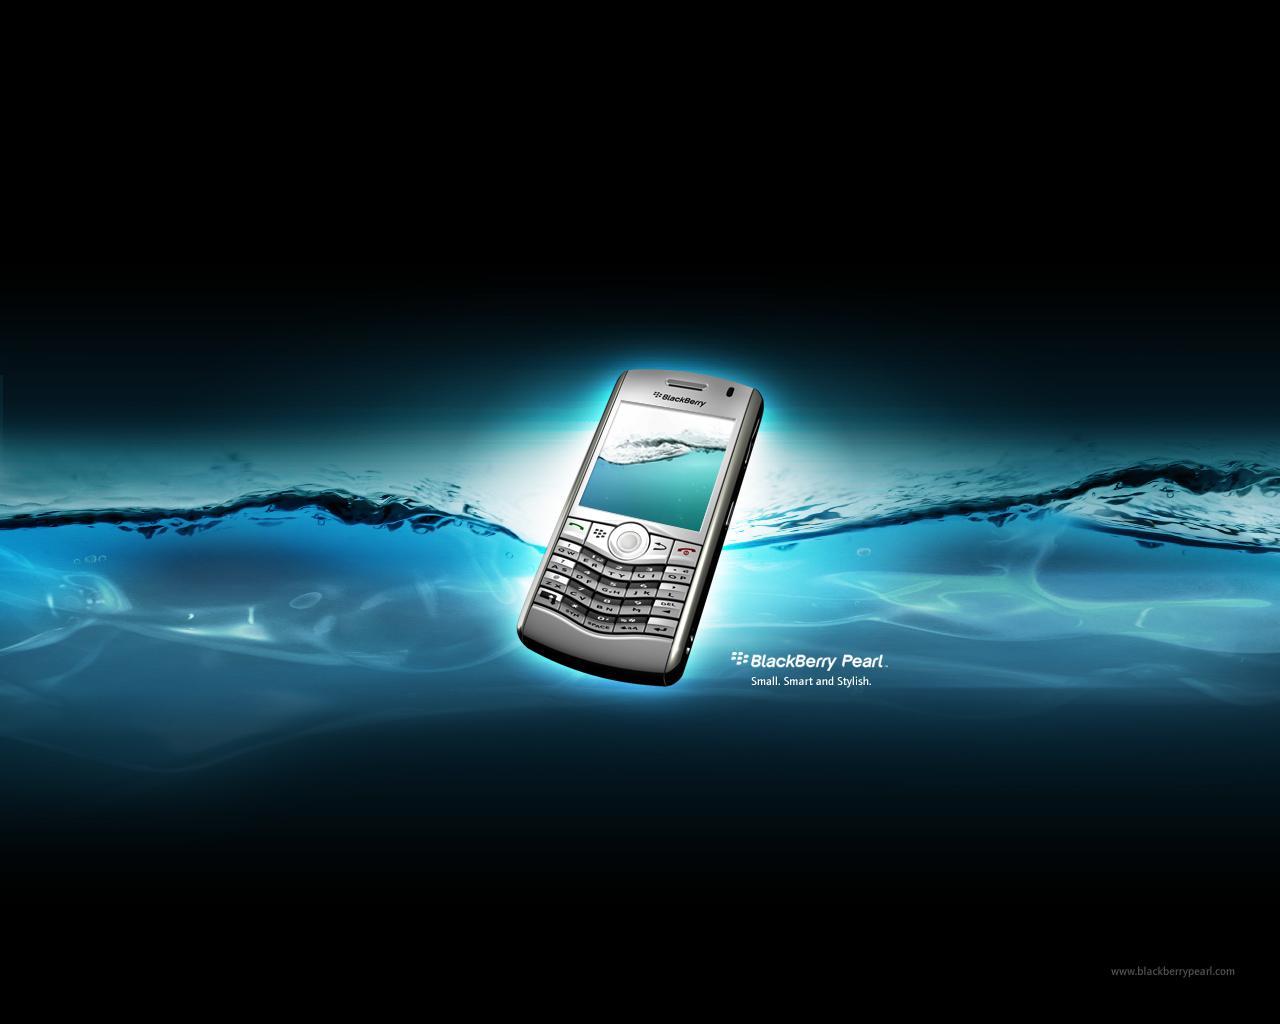 мобильный телефон, фото, обои для рабочего стола